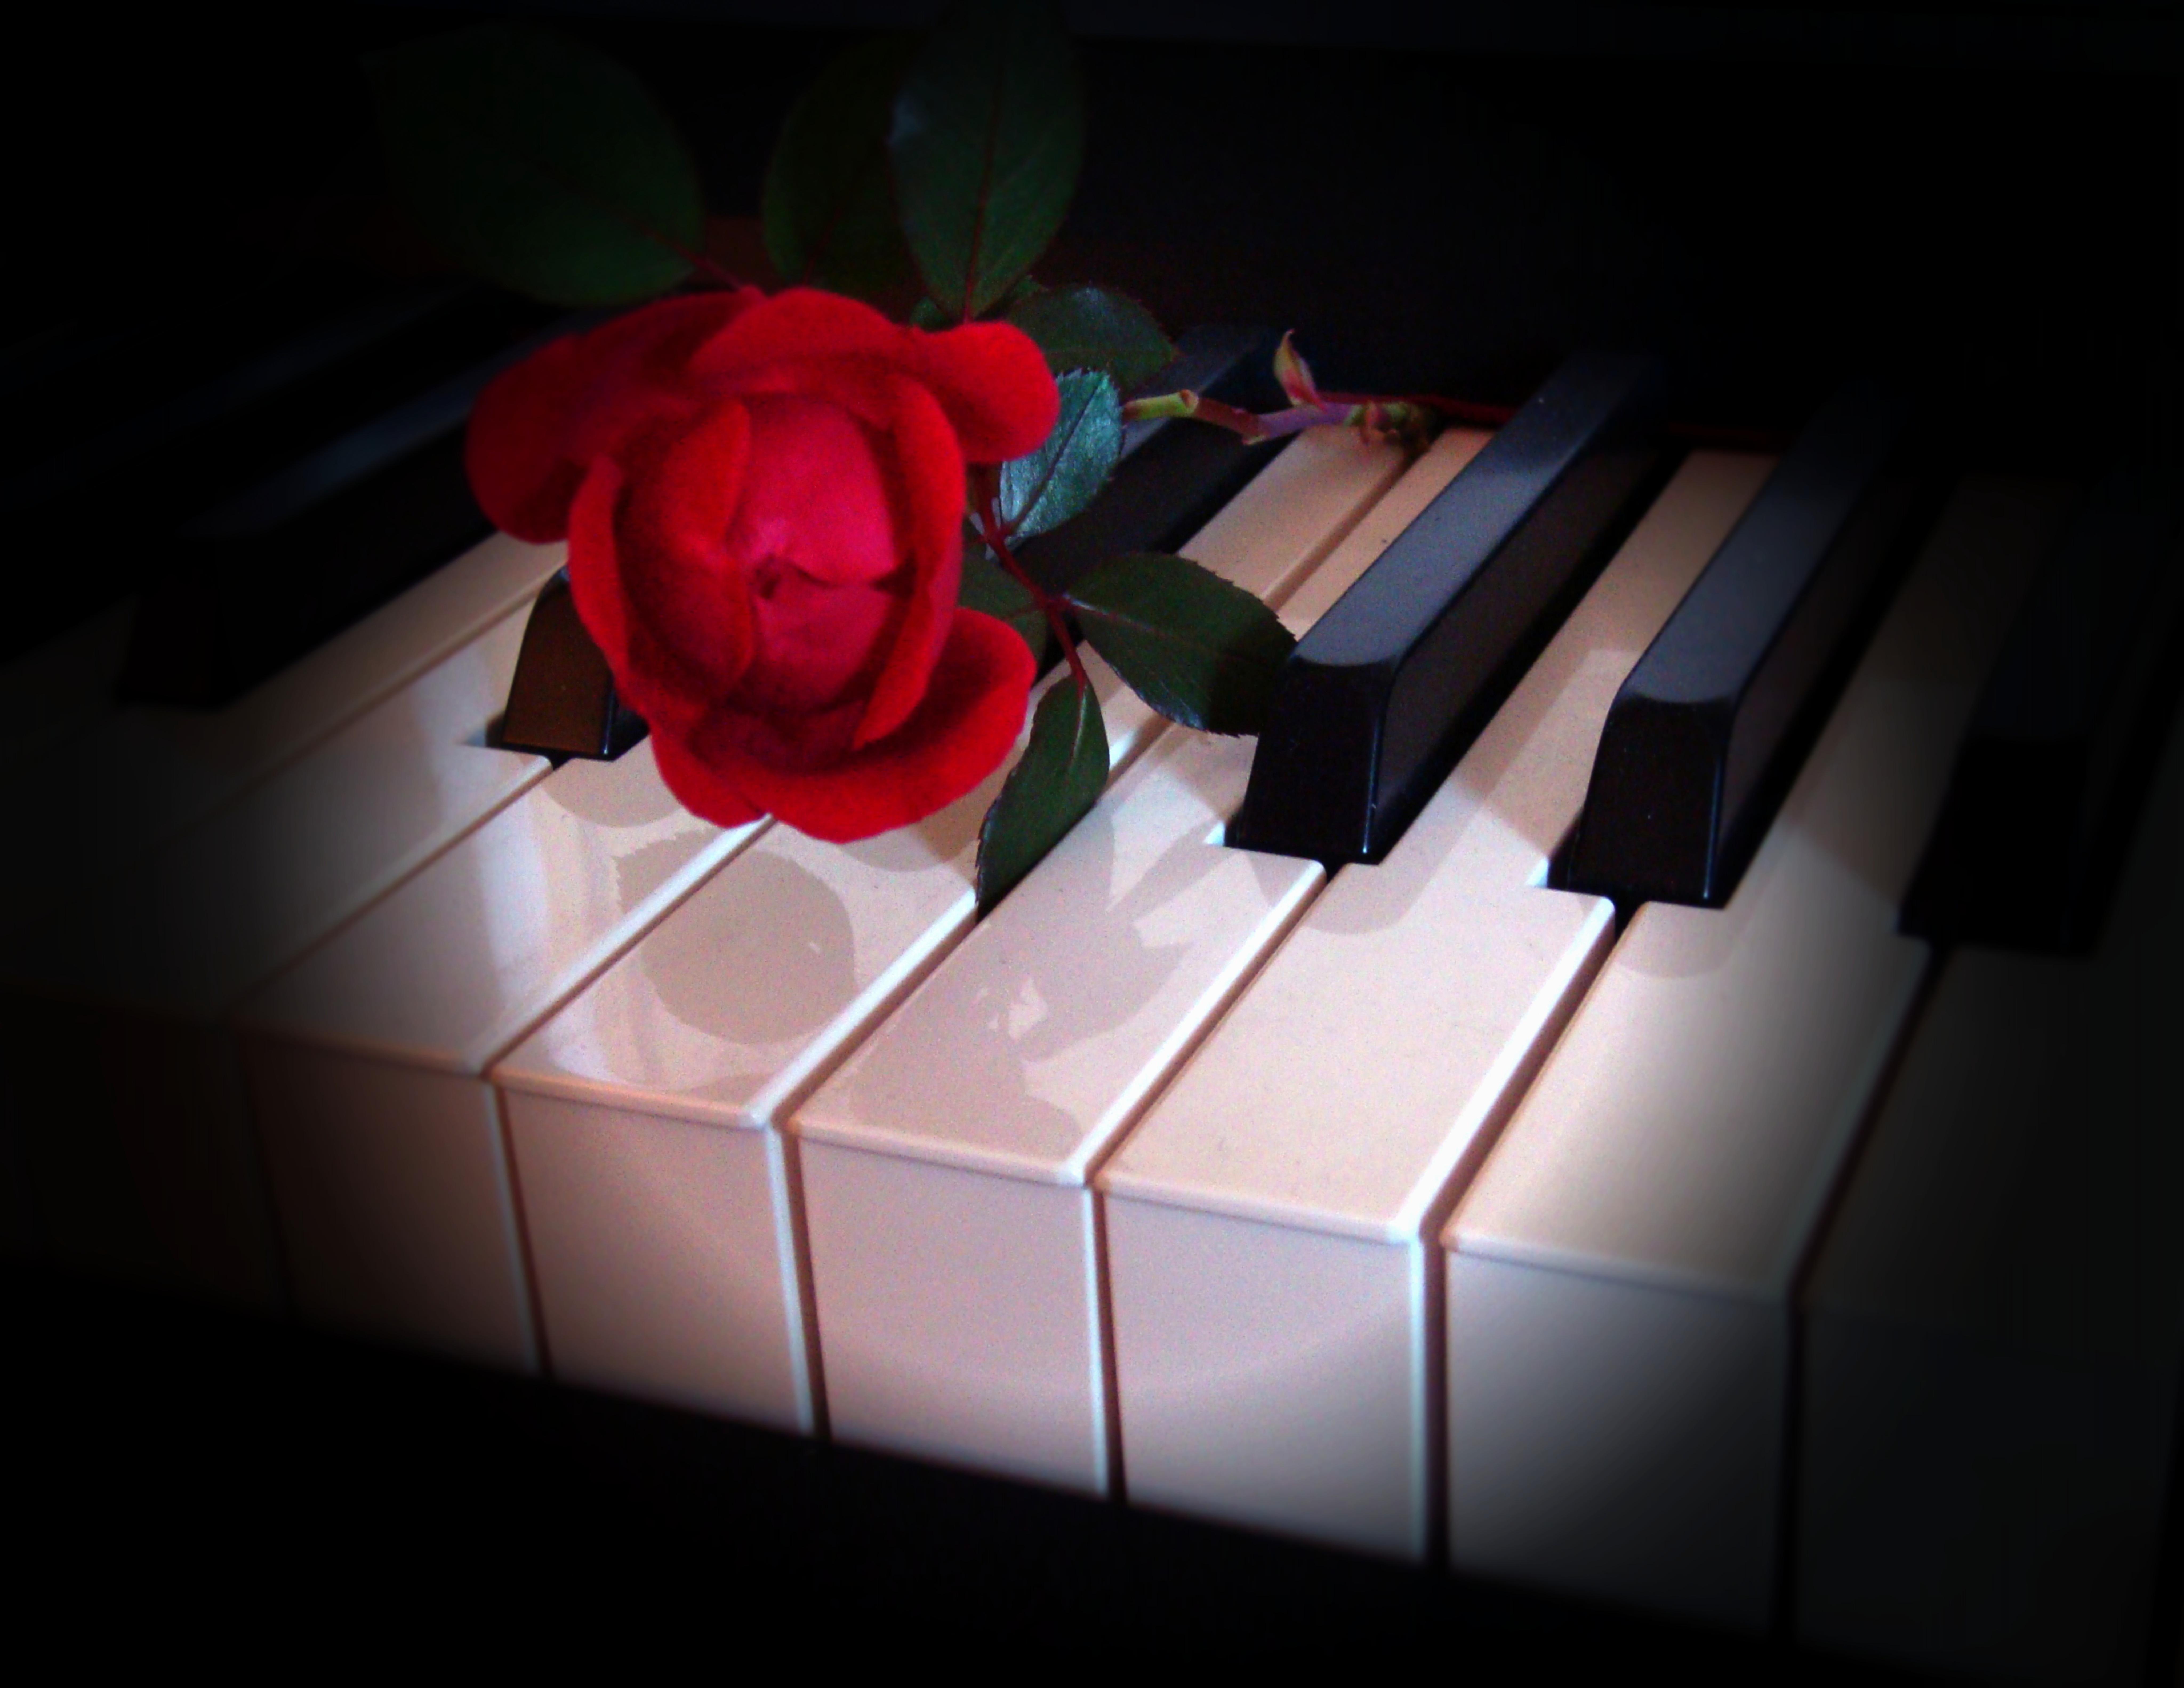 большая пися картинка роза и пианино имеет